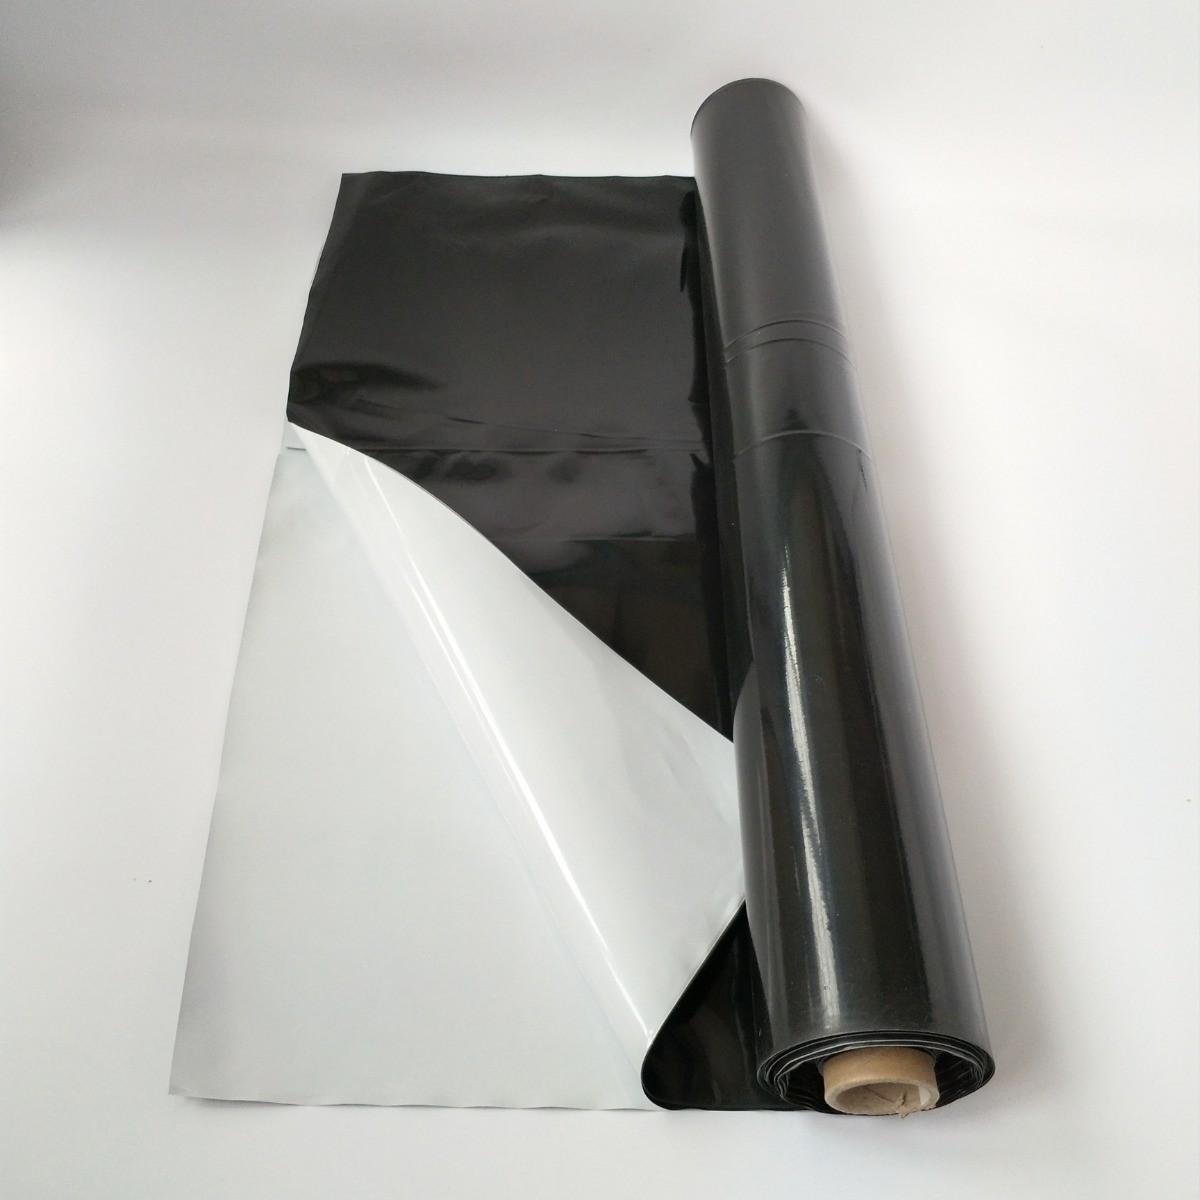 Lona Silagem Nortene Branca/Preta 72kg - 6x31m